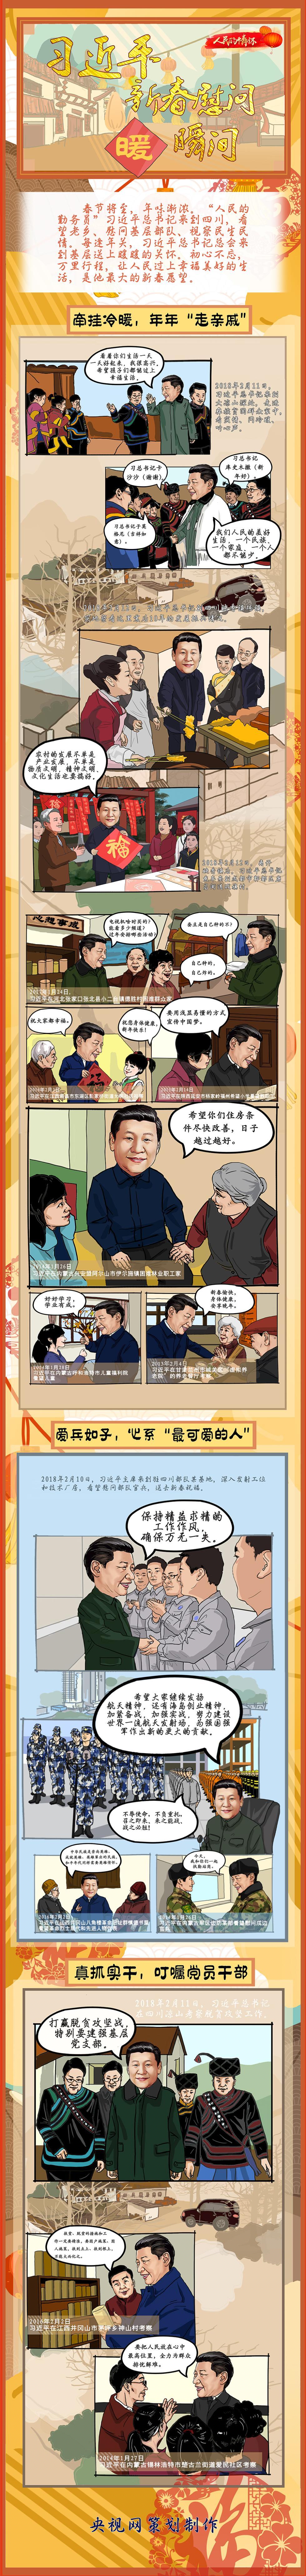 """条漫丨习近平新春慰问""""暖""""瞬间"""